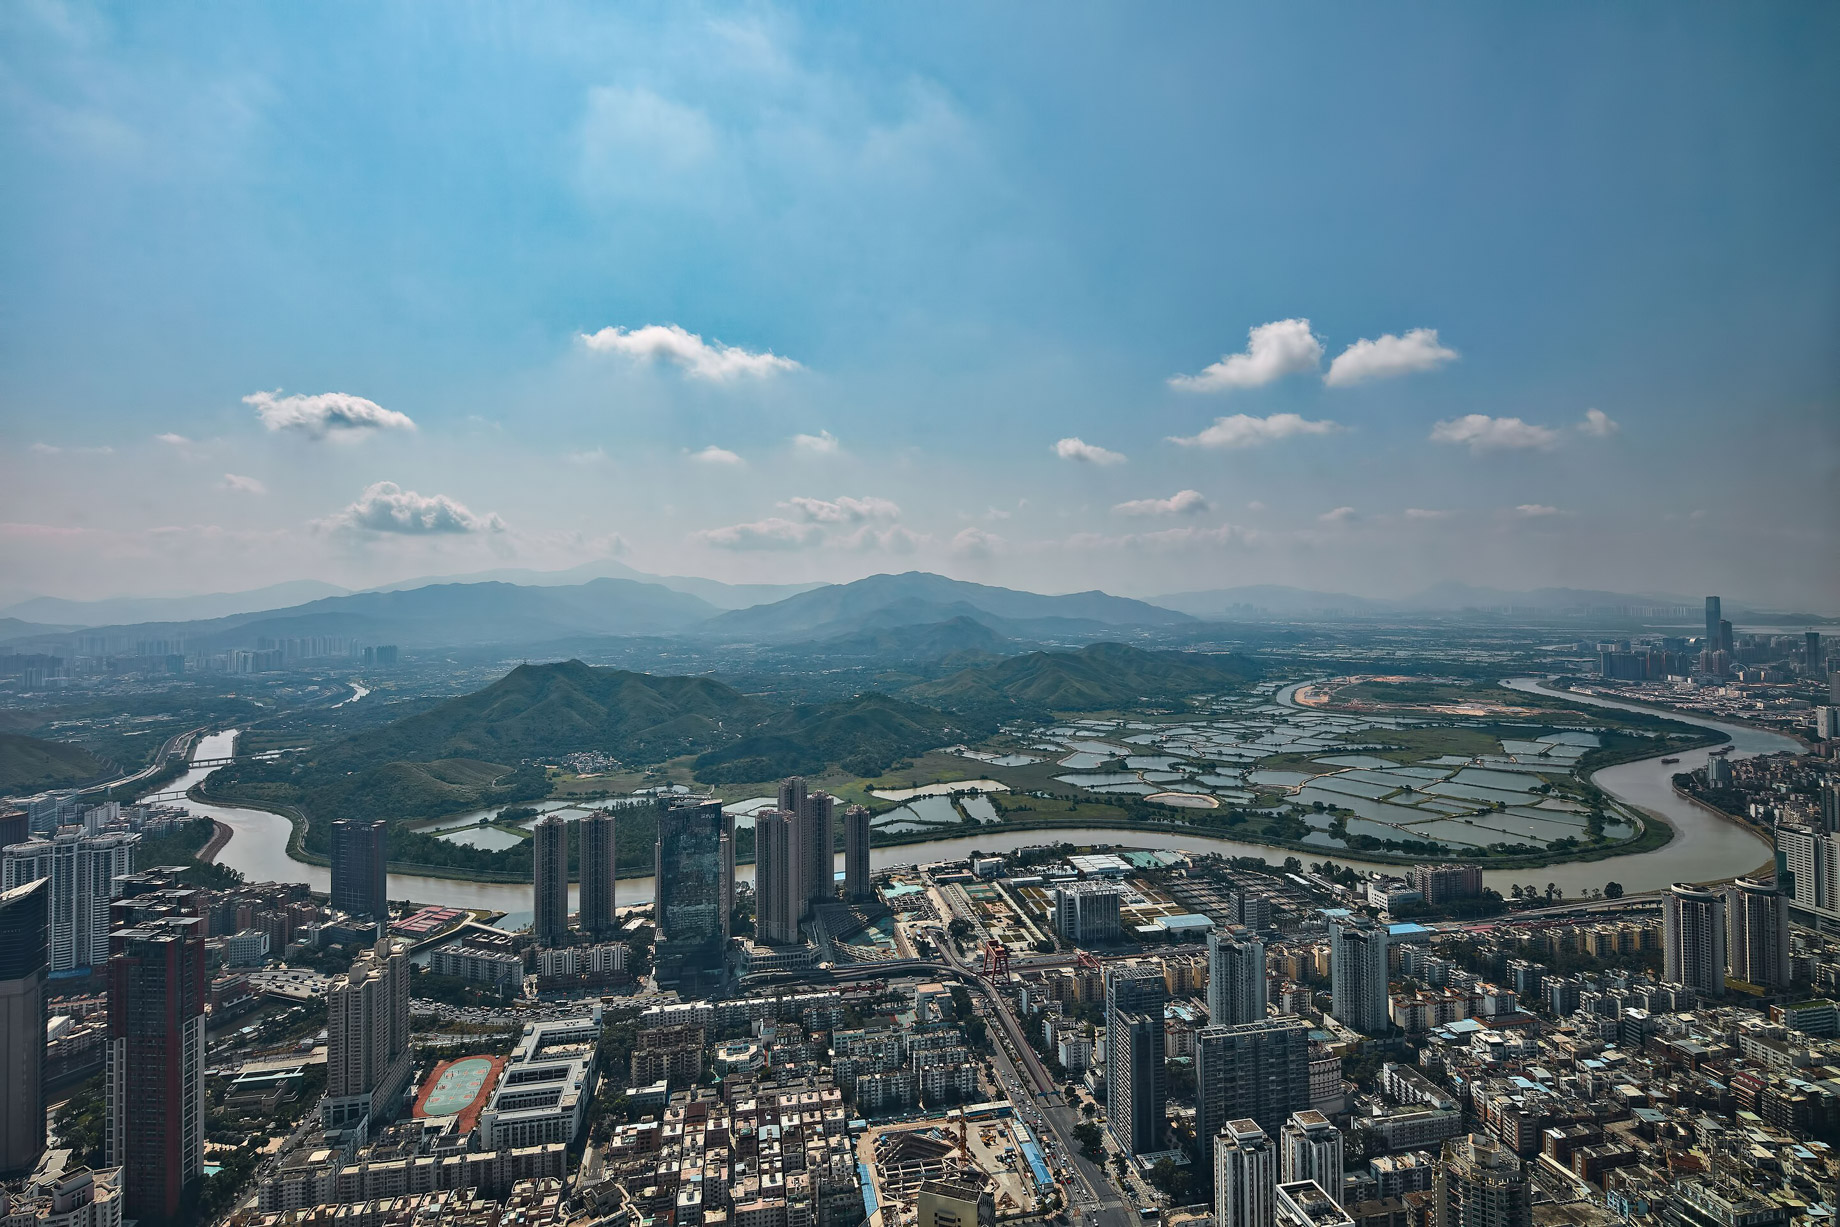 The St. Regis Shenzhen Luxury Hotel - Shenzhen, China - Guest View Skyline